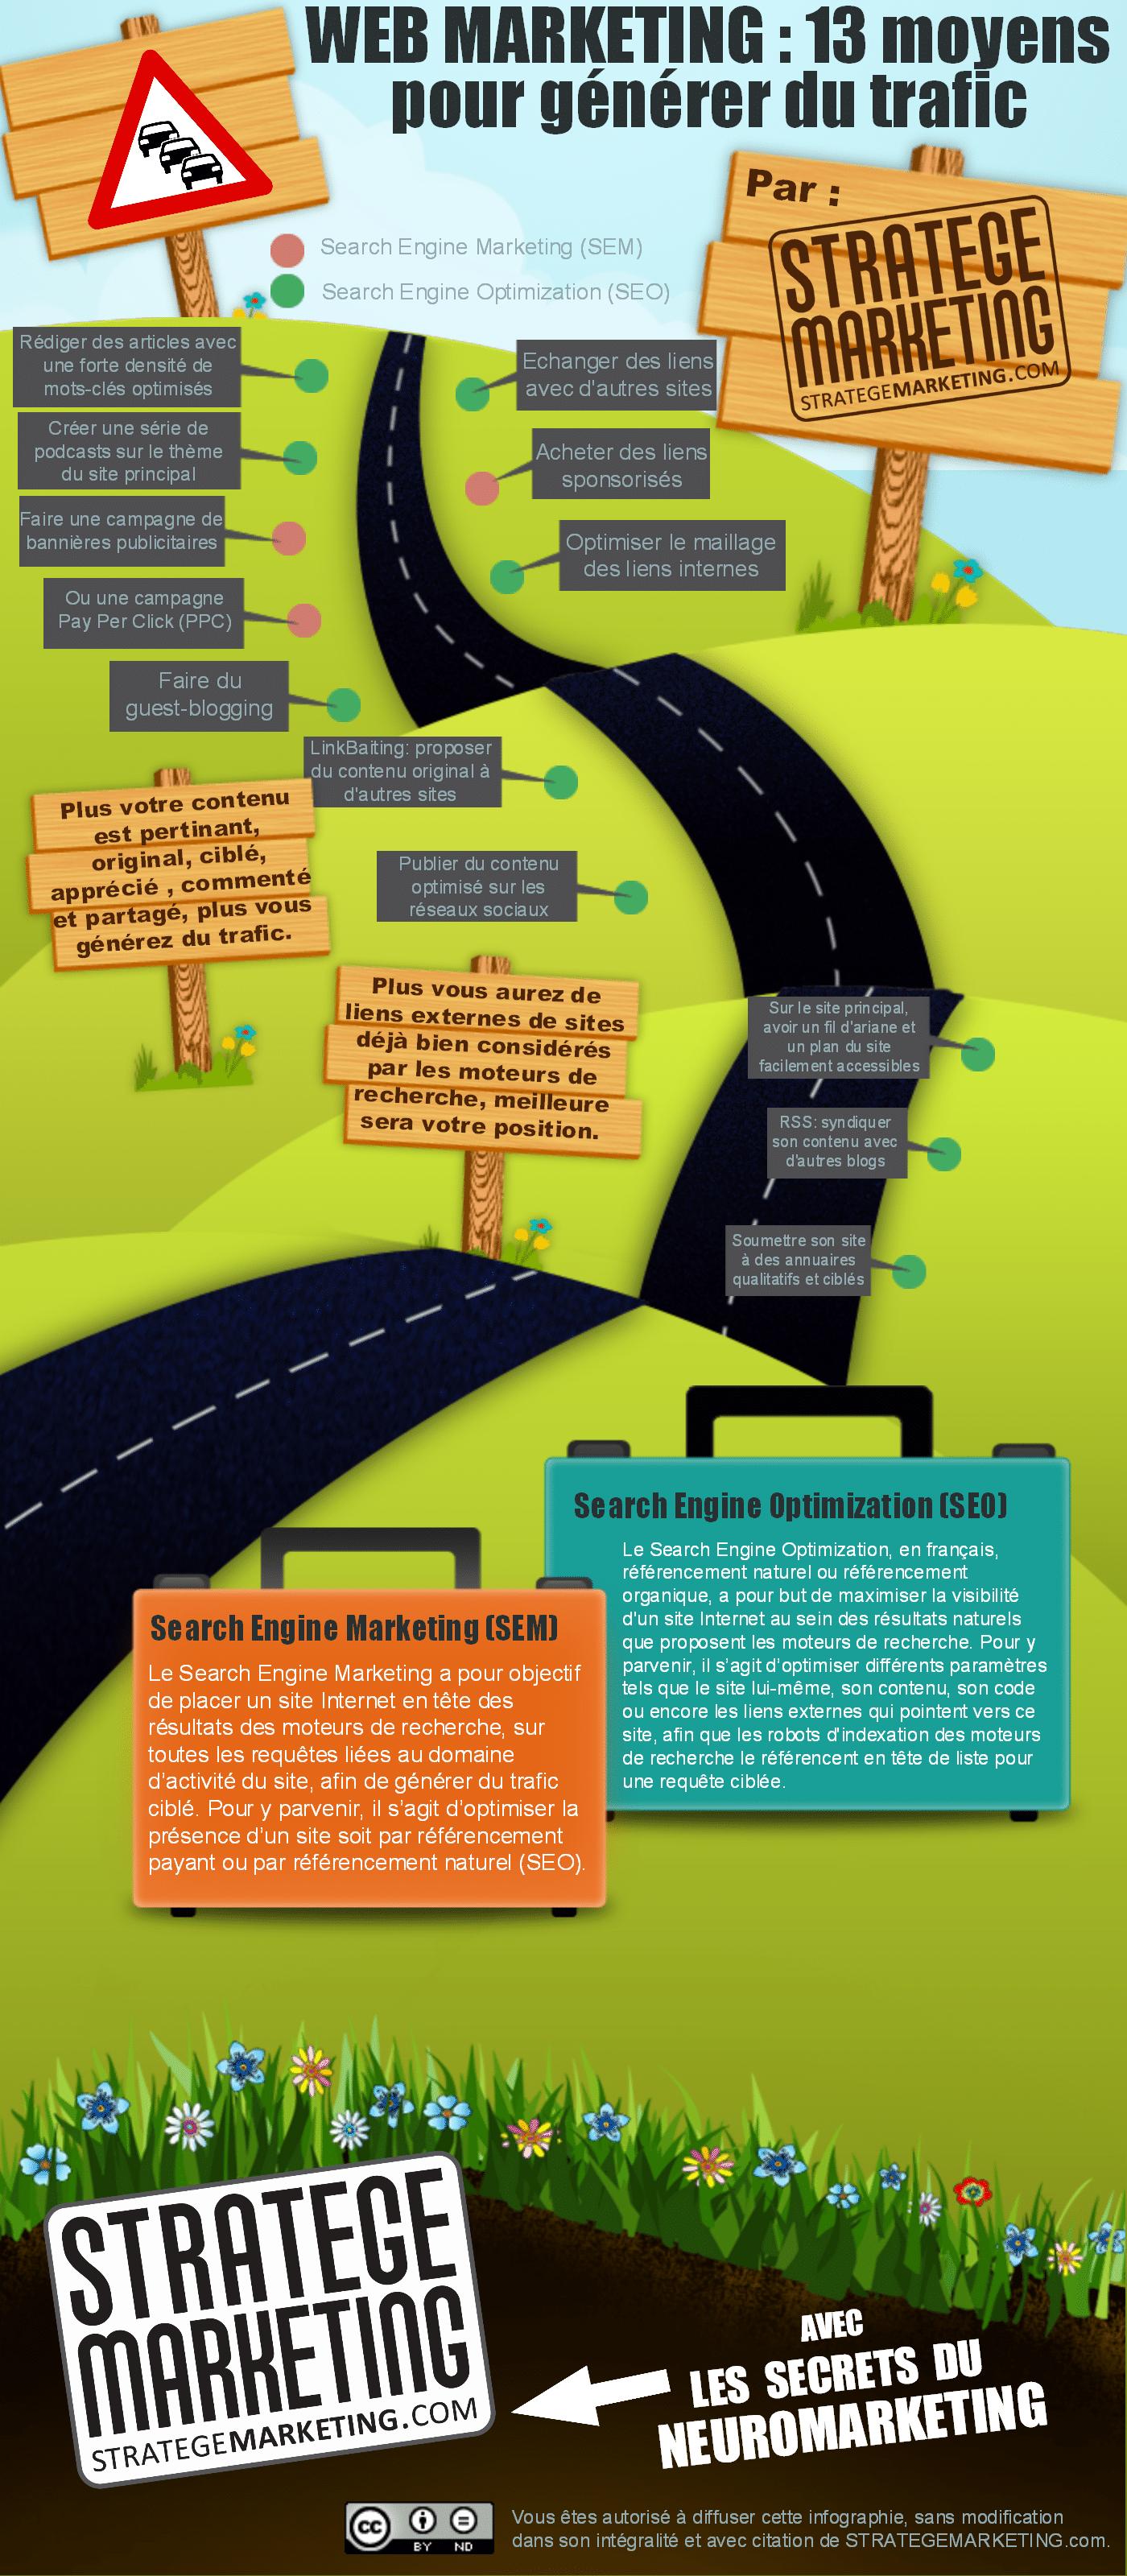 Infographie : 13 moyens pour générer du trafic